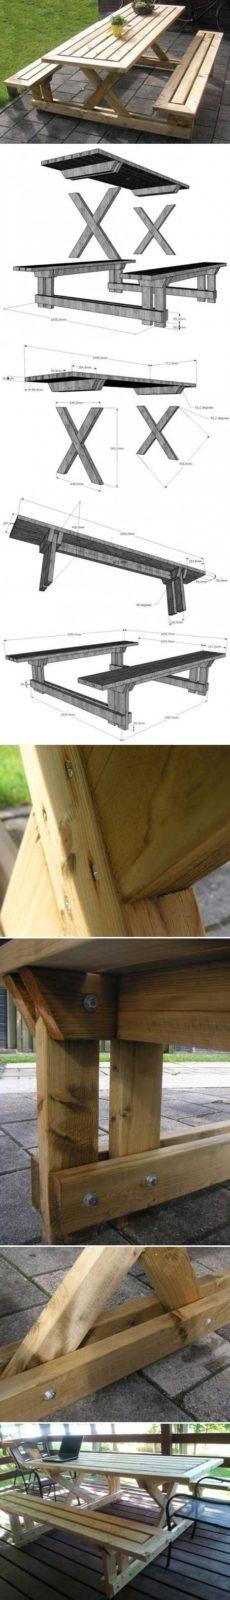 Садовая мебель своими руками: стол с лавочками